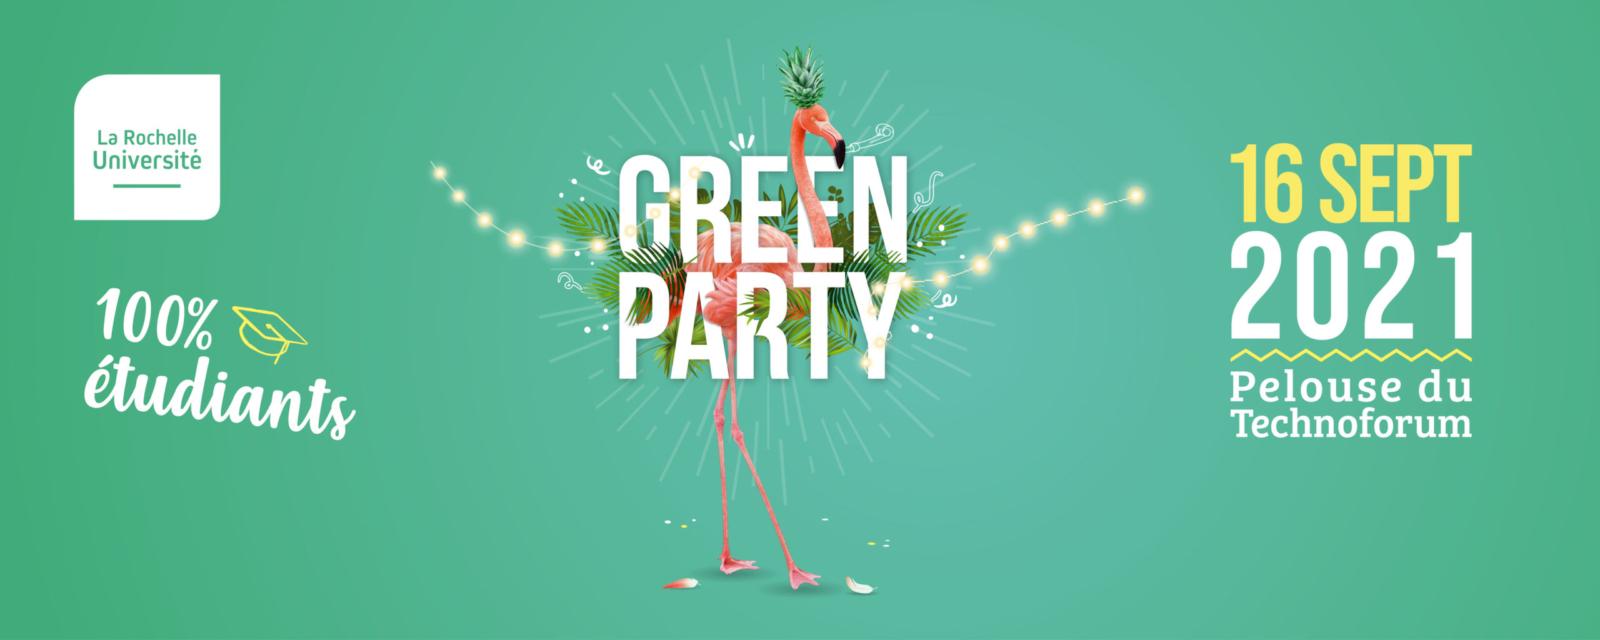 Green Party, une rentrée festive ! 1